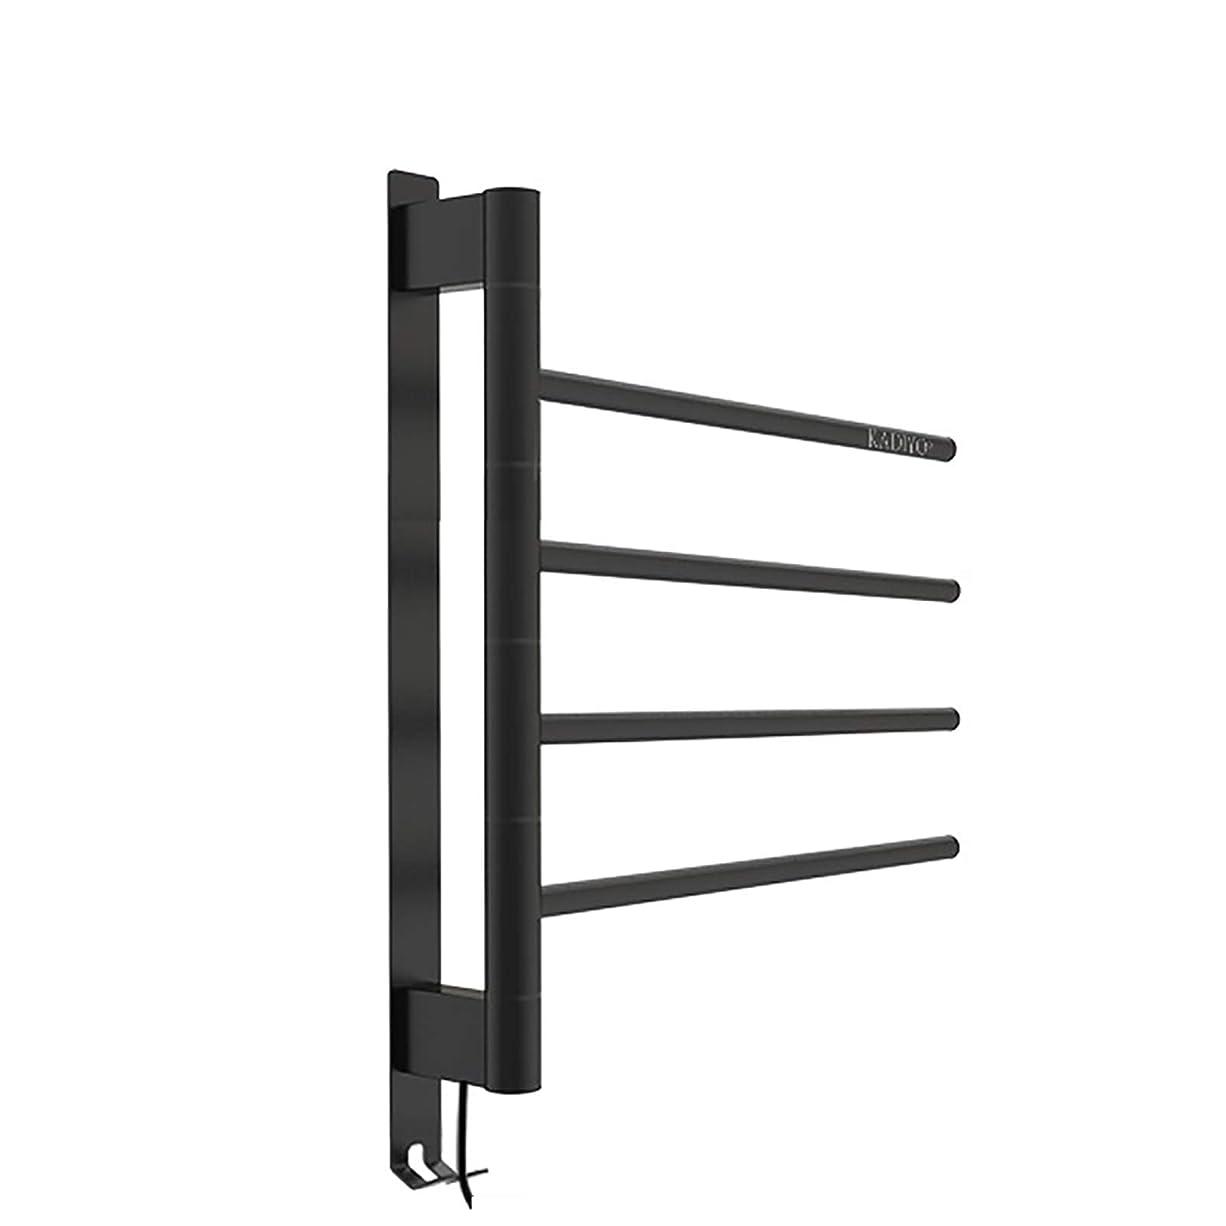 メタルライン洗練ナンセンス電気タオルラック、180度回転可能な無孔バスルーム304ステンレス鋼加熱タオルラック、フック付き、炭素繊維乾式加熱IPX4防水等級(黒)